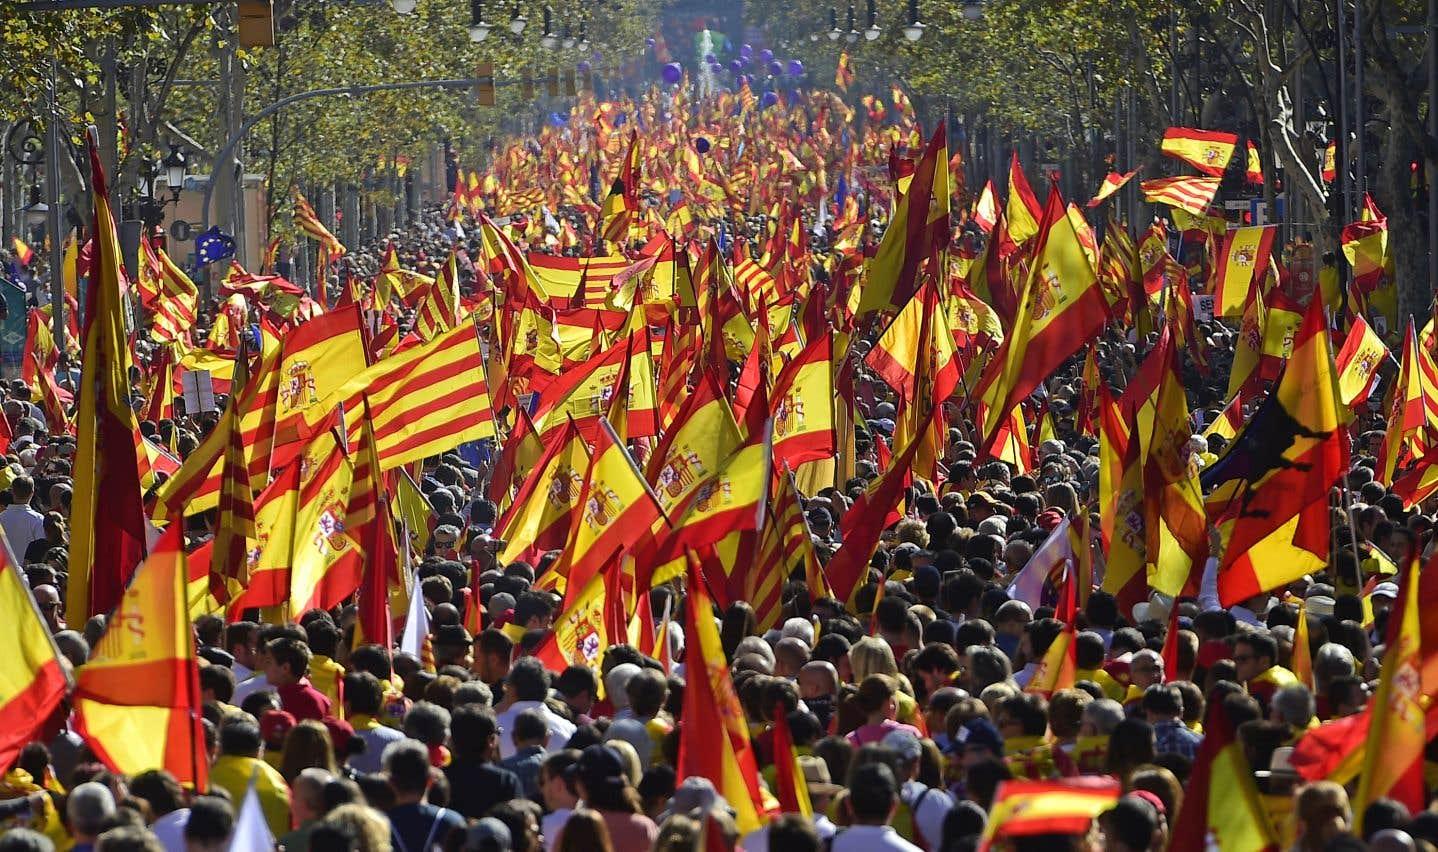 La manifestation a rassemblé, dimanche, environ 300000 personnes, selon la police municipale, 1,1million selon les organisateurs de l'événement.